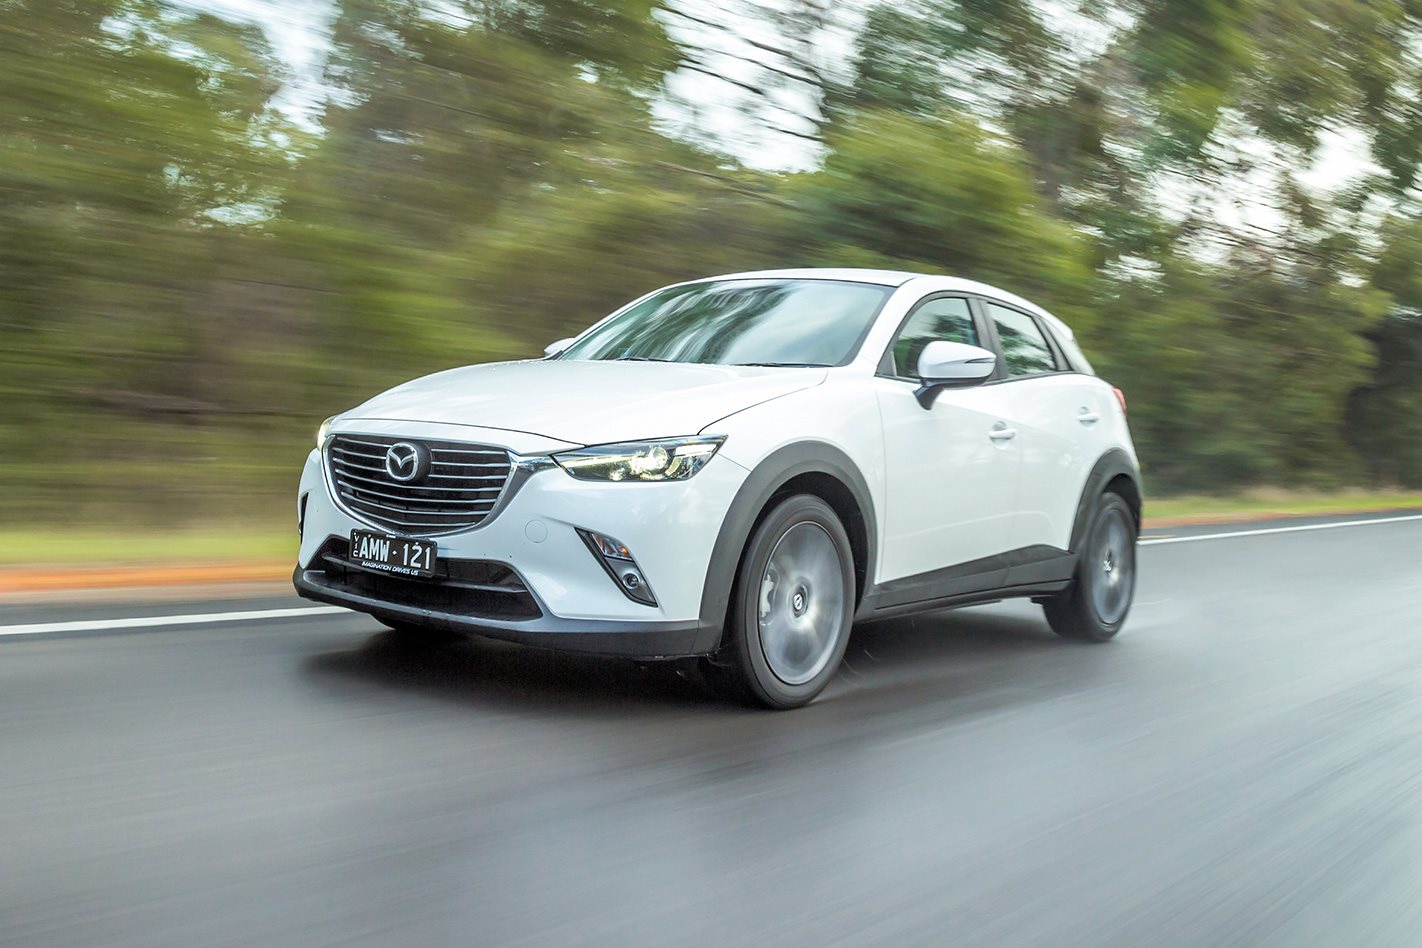 Kelebihan Mazda Cx 3 Diesel Tangguh